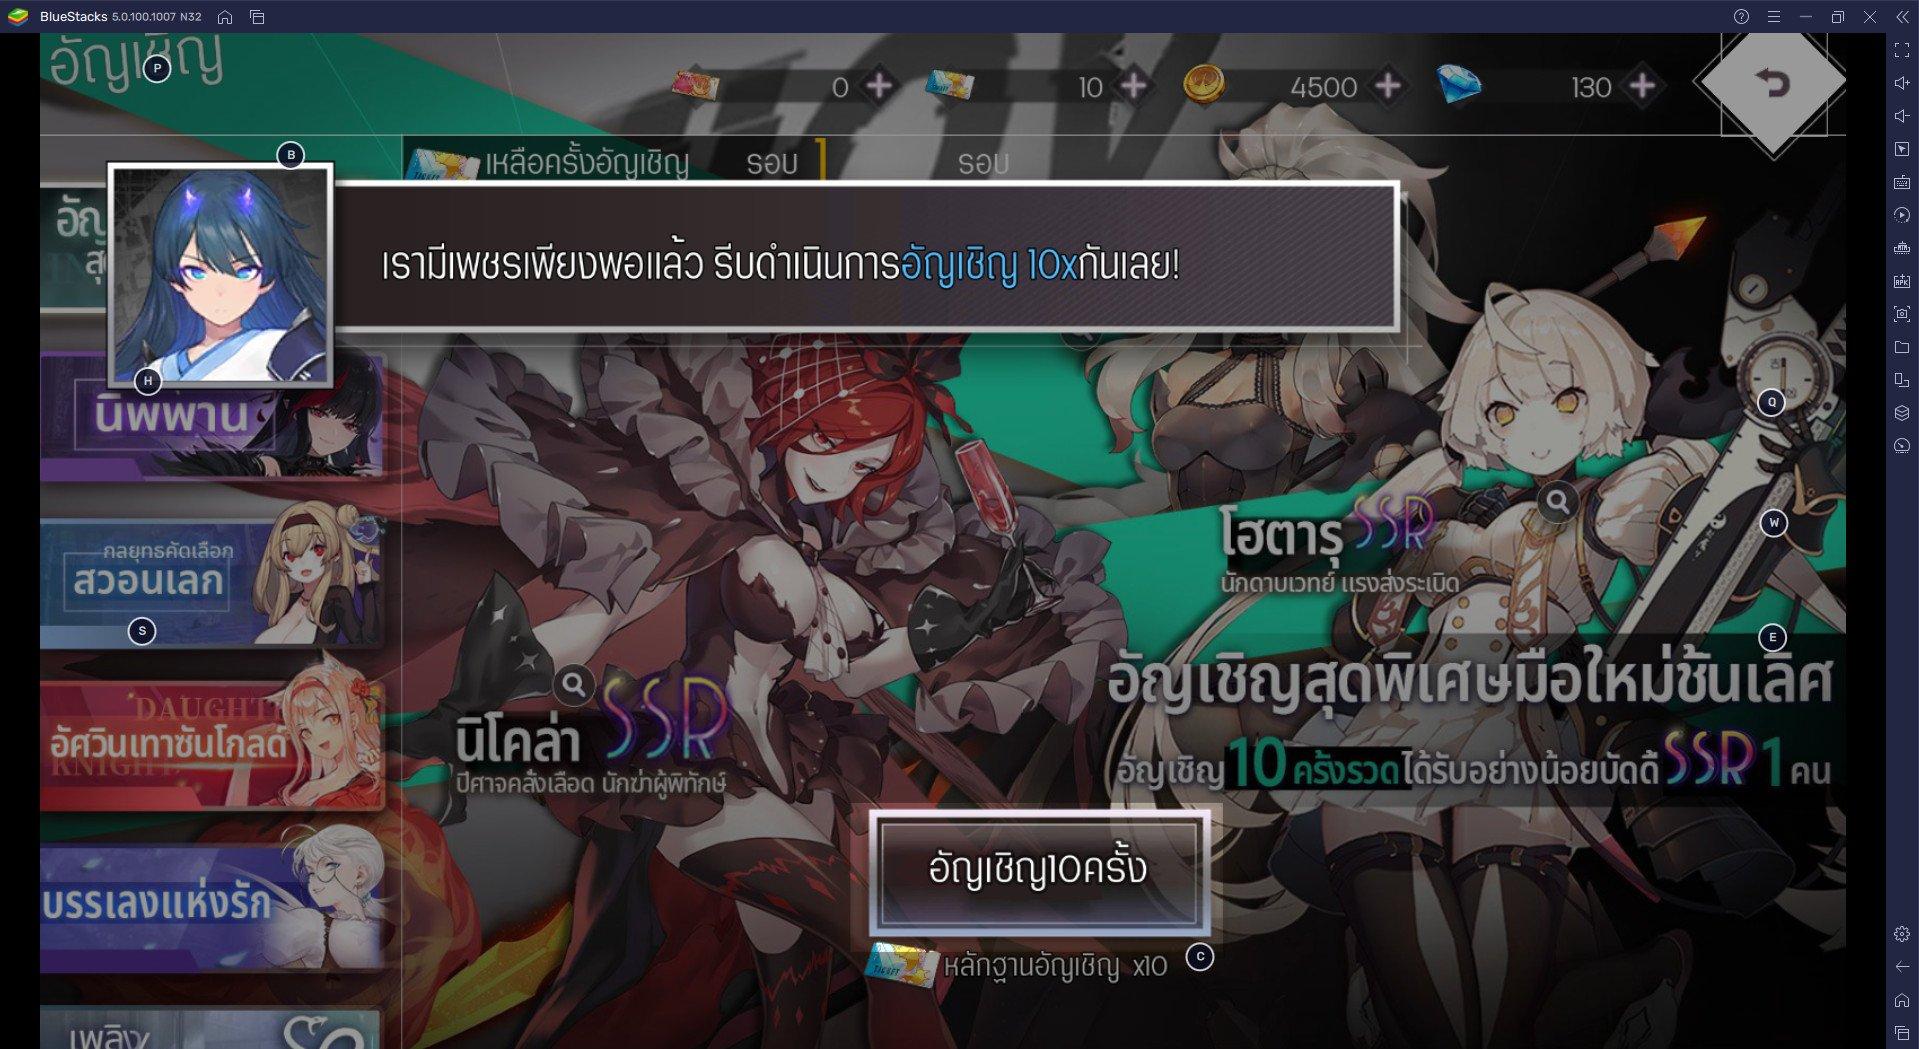 Tier List ตัวละคร และการ Reroll ในเกม ILLUSION CONNECT